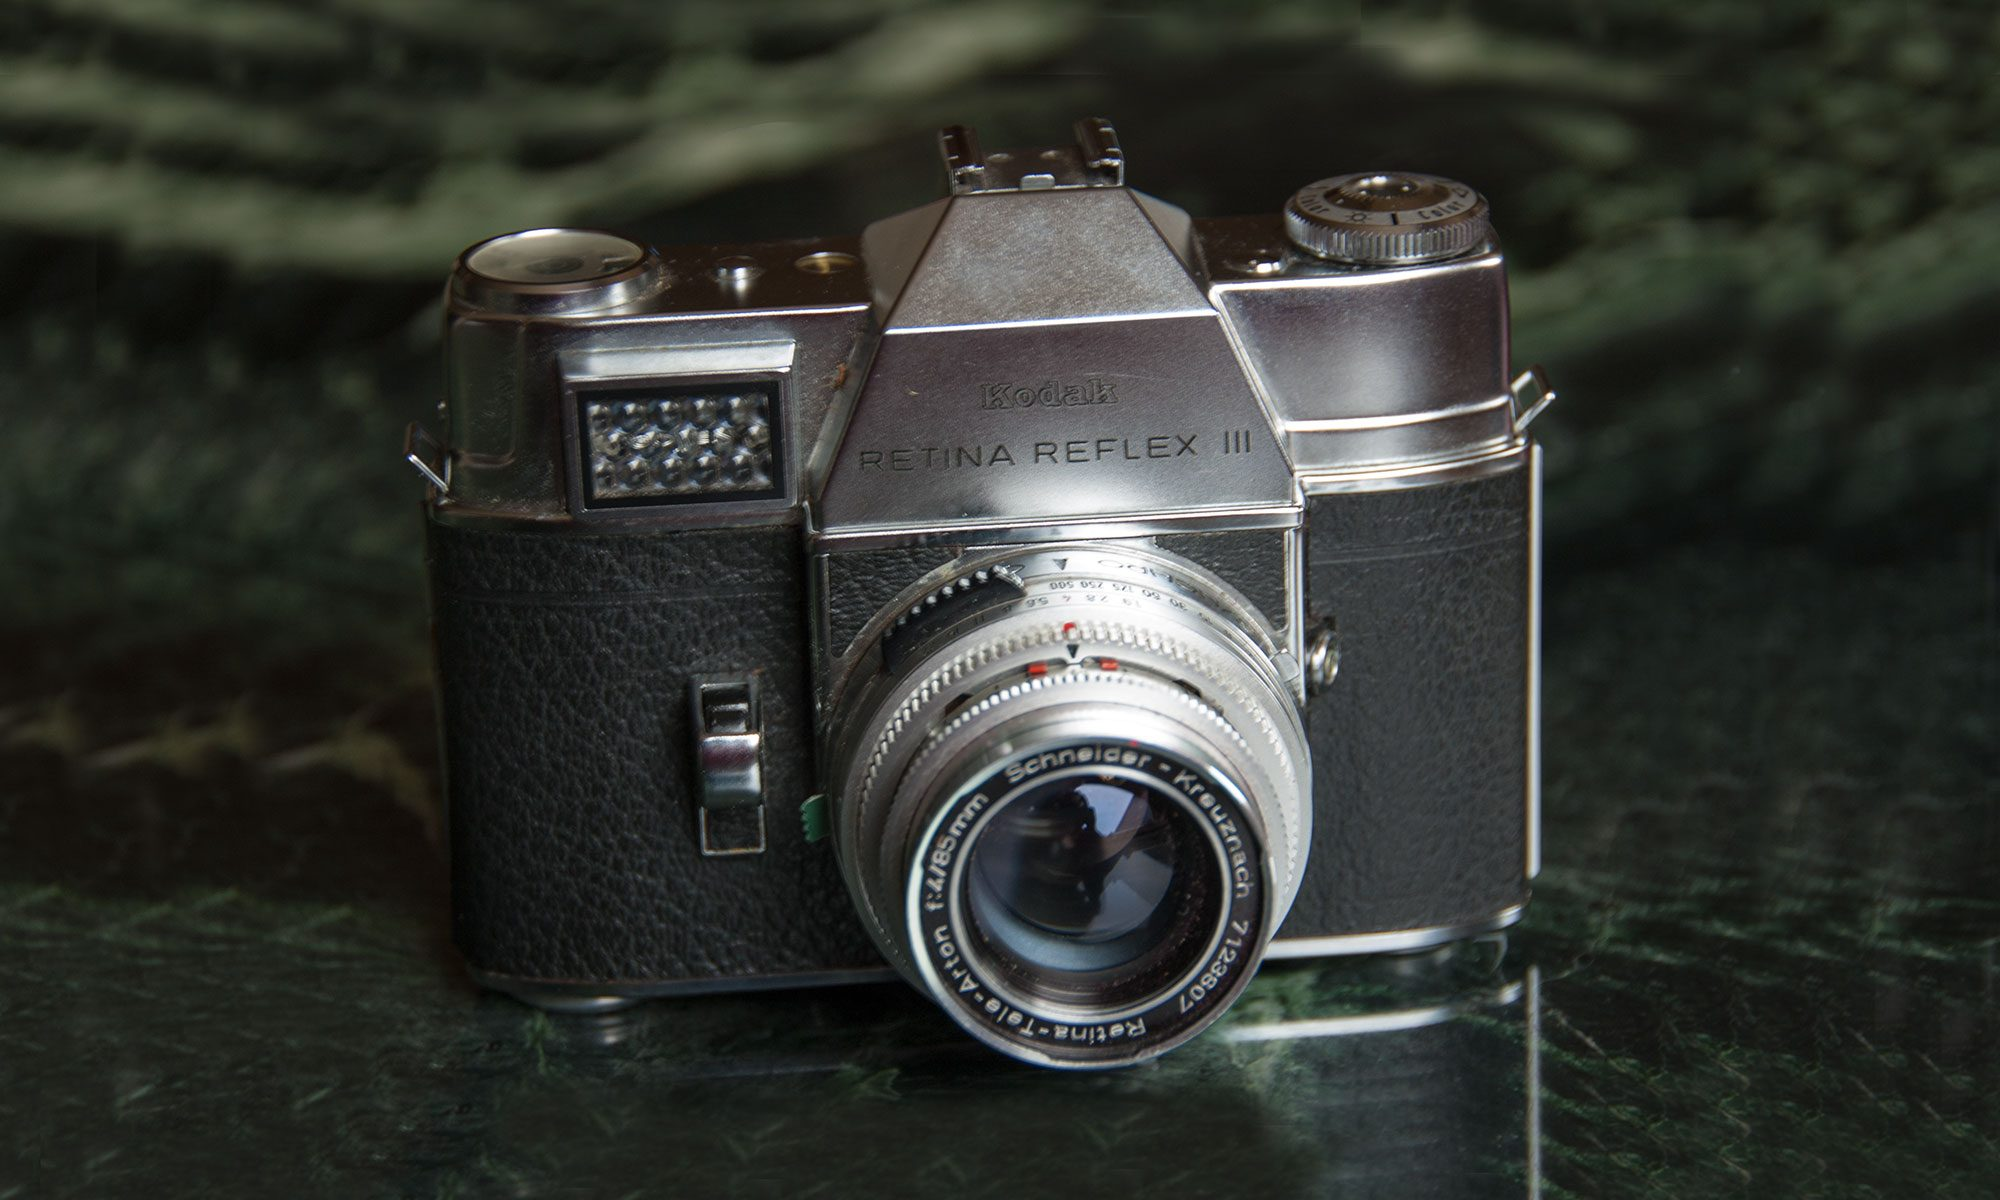 DI300's Foto-Blog